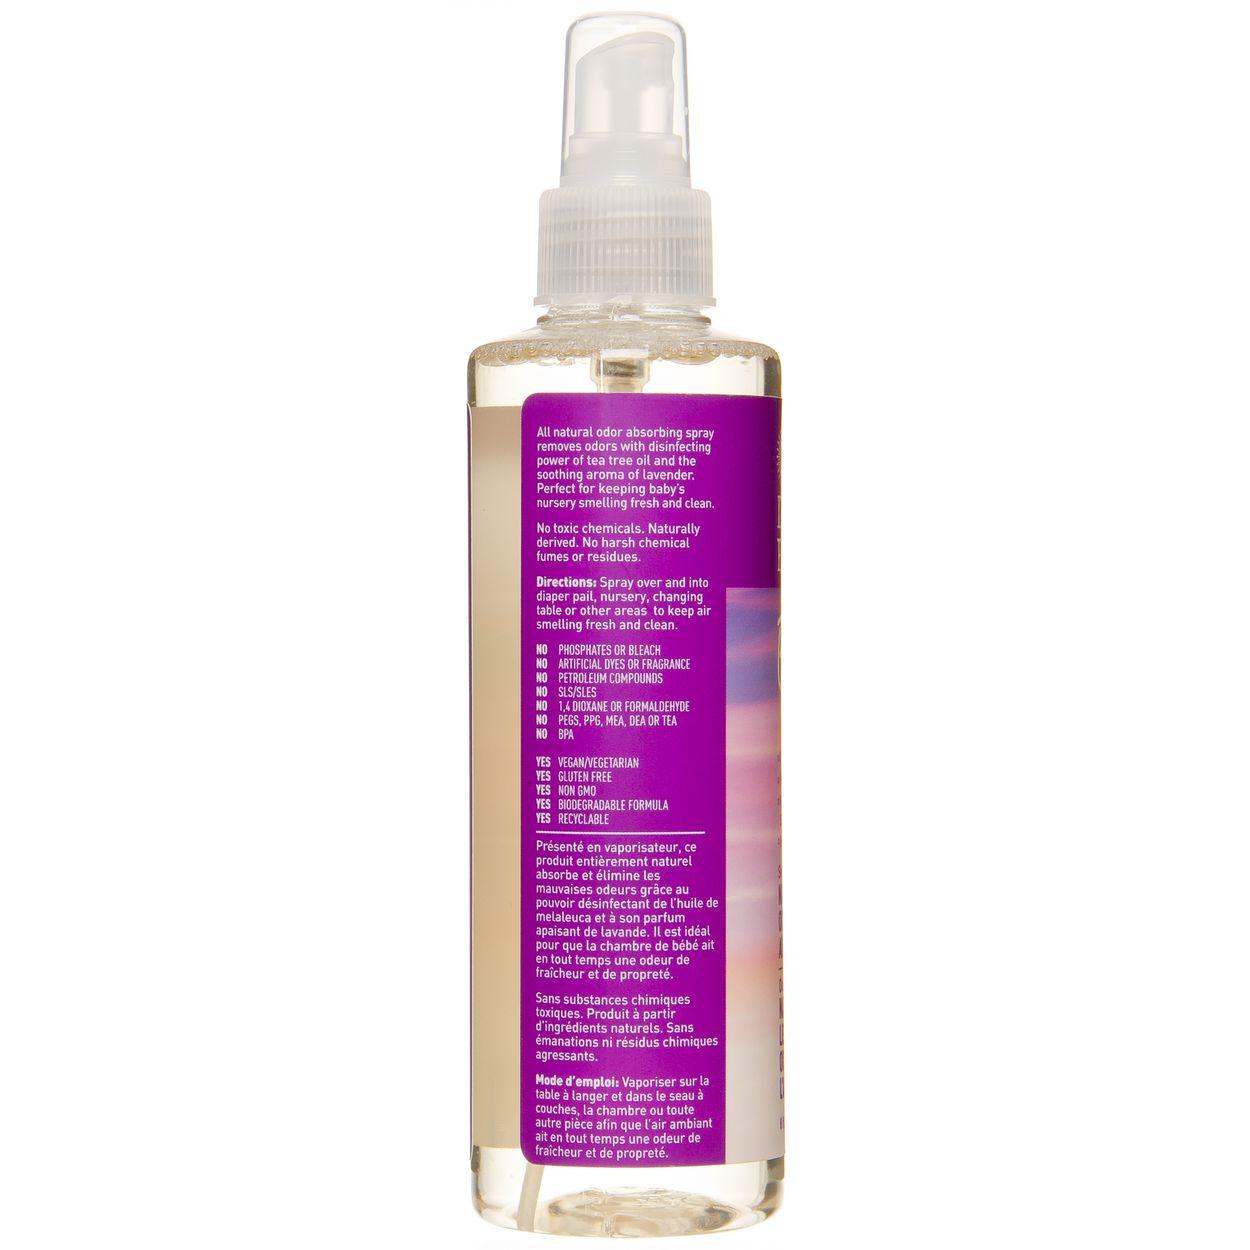 Desert Essence - @@Air Freshener, Natural Odor Absorbing